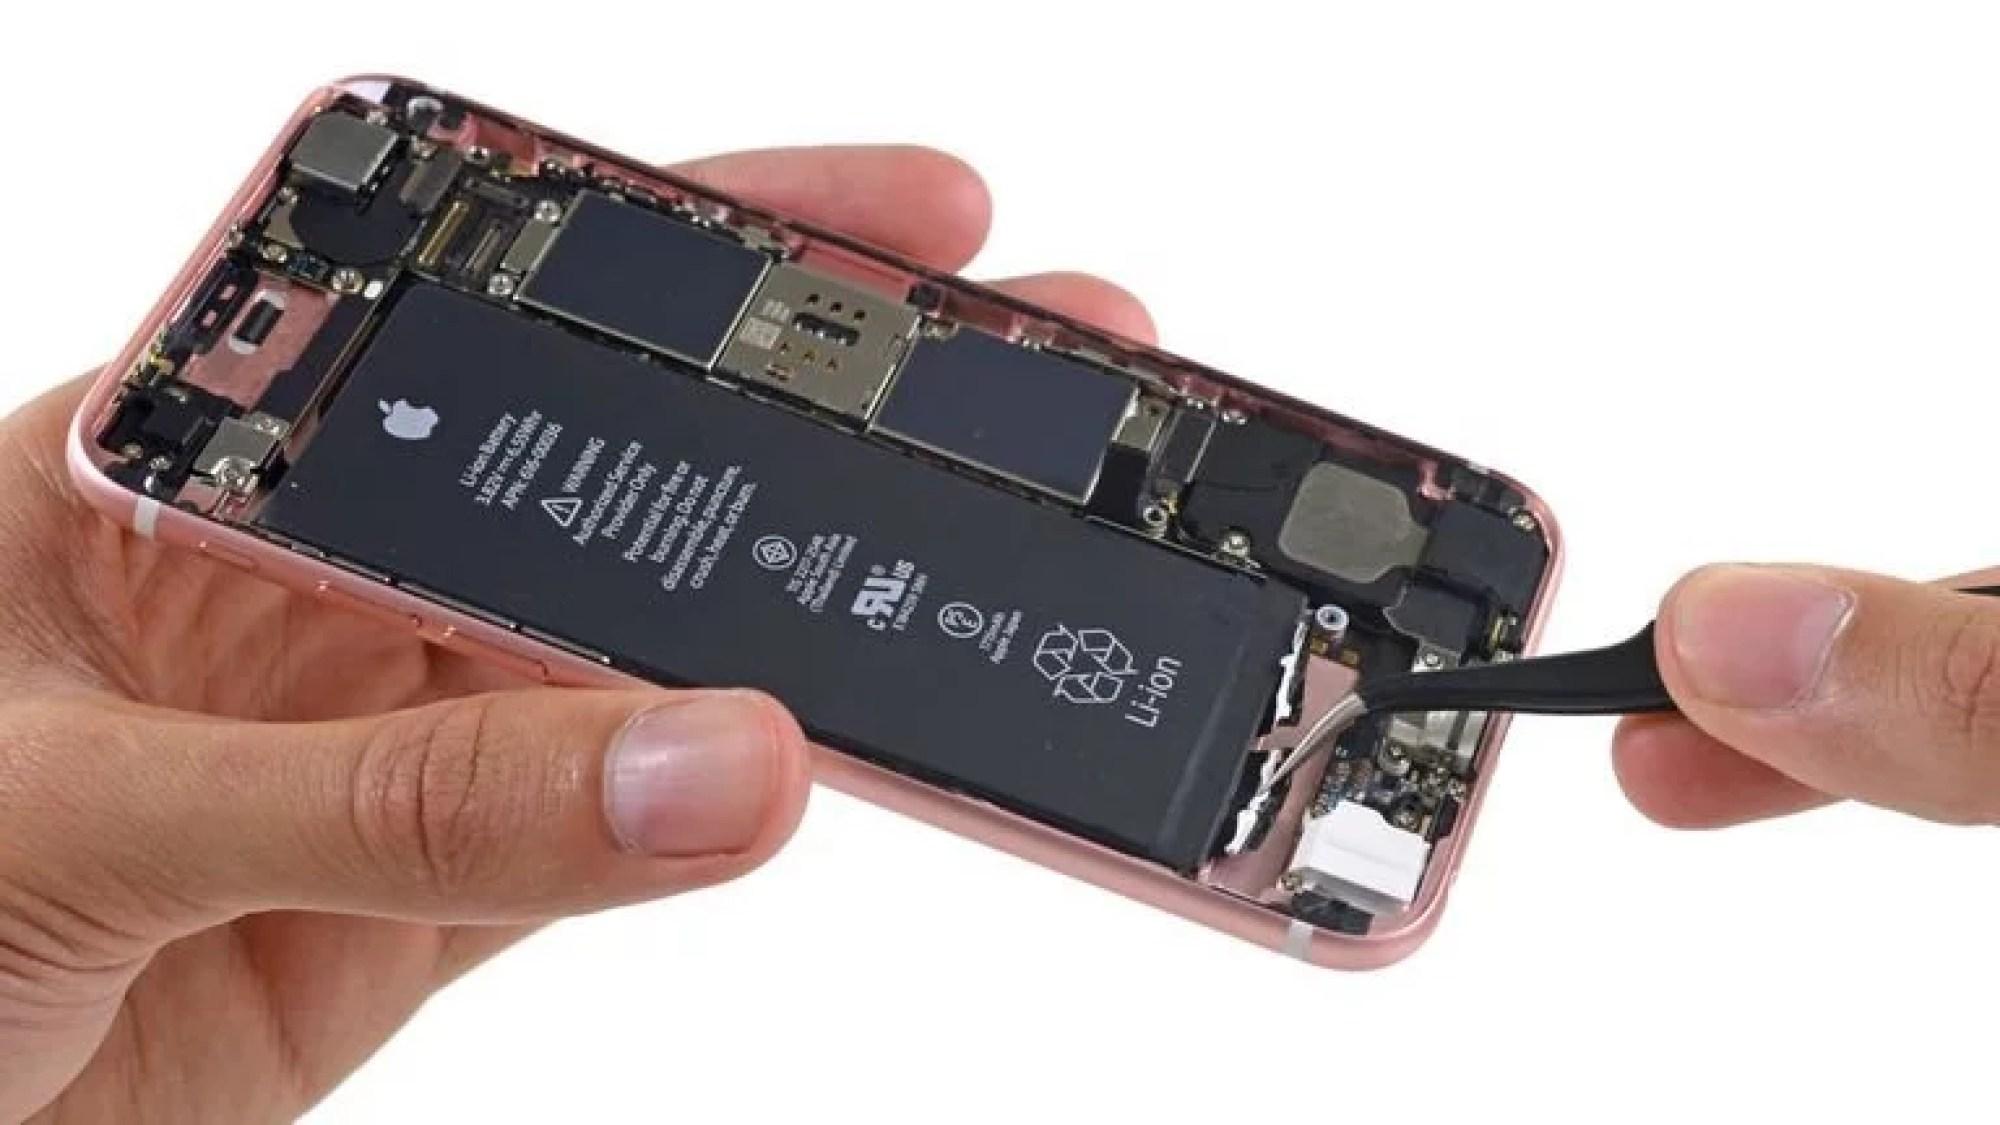 Francia elaboró un índice de reparabilidad donde Apple recibió una calificación que no superó los 7 sobre 10 puntos posibles